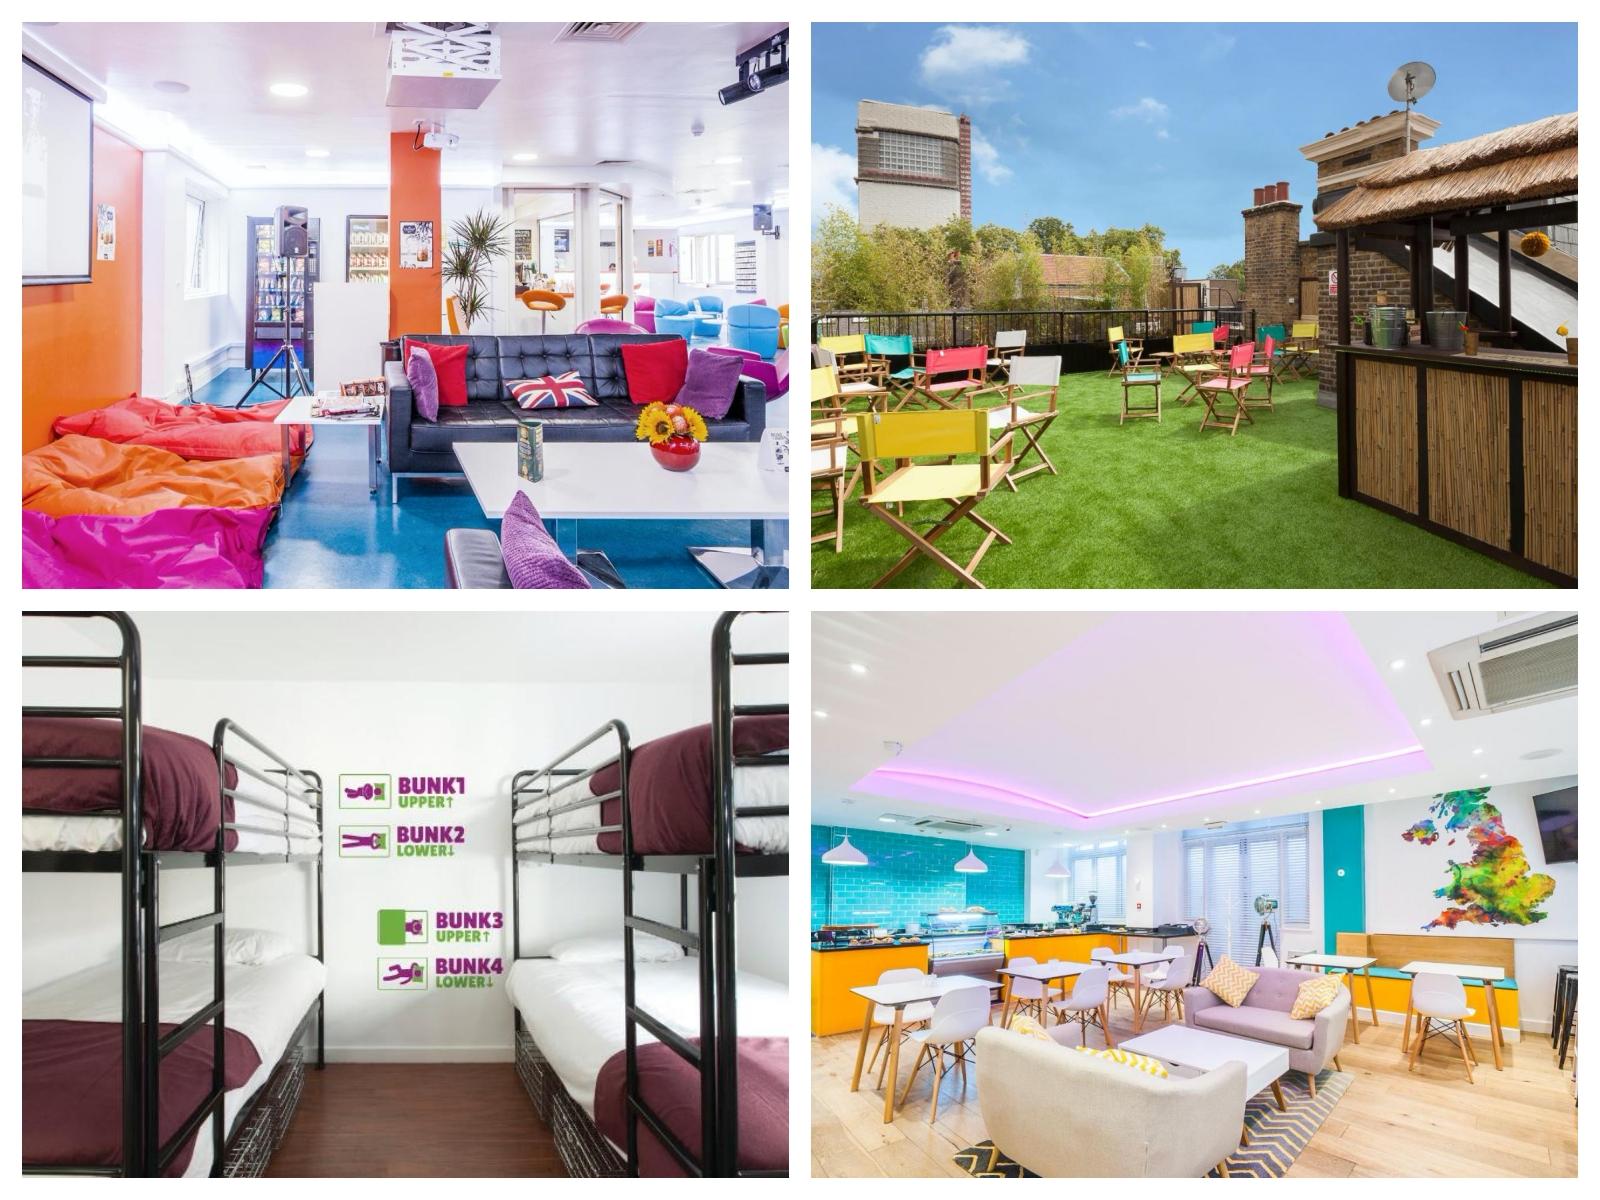 英國倫敦飯店推薦 倫敦住宿區域挑選 精選倫敦住宿總整理